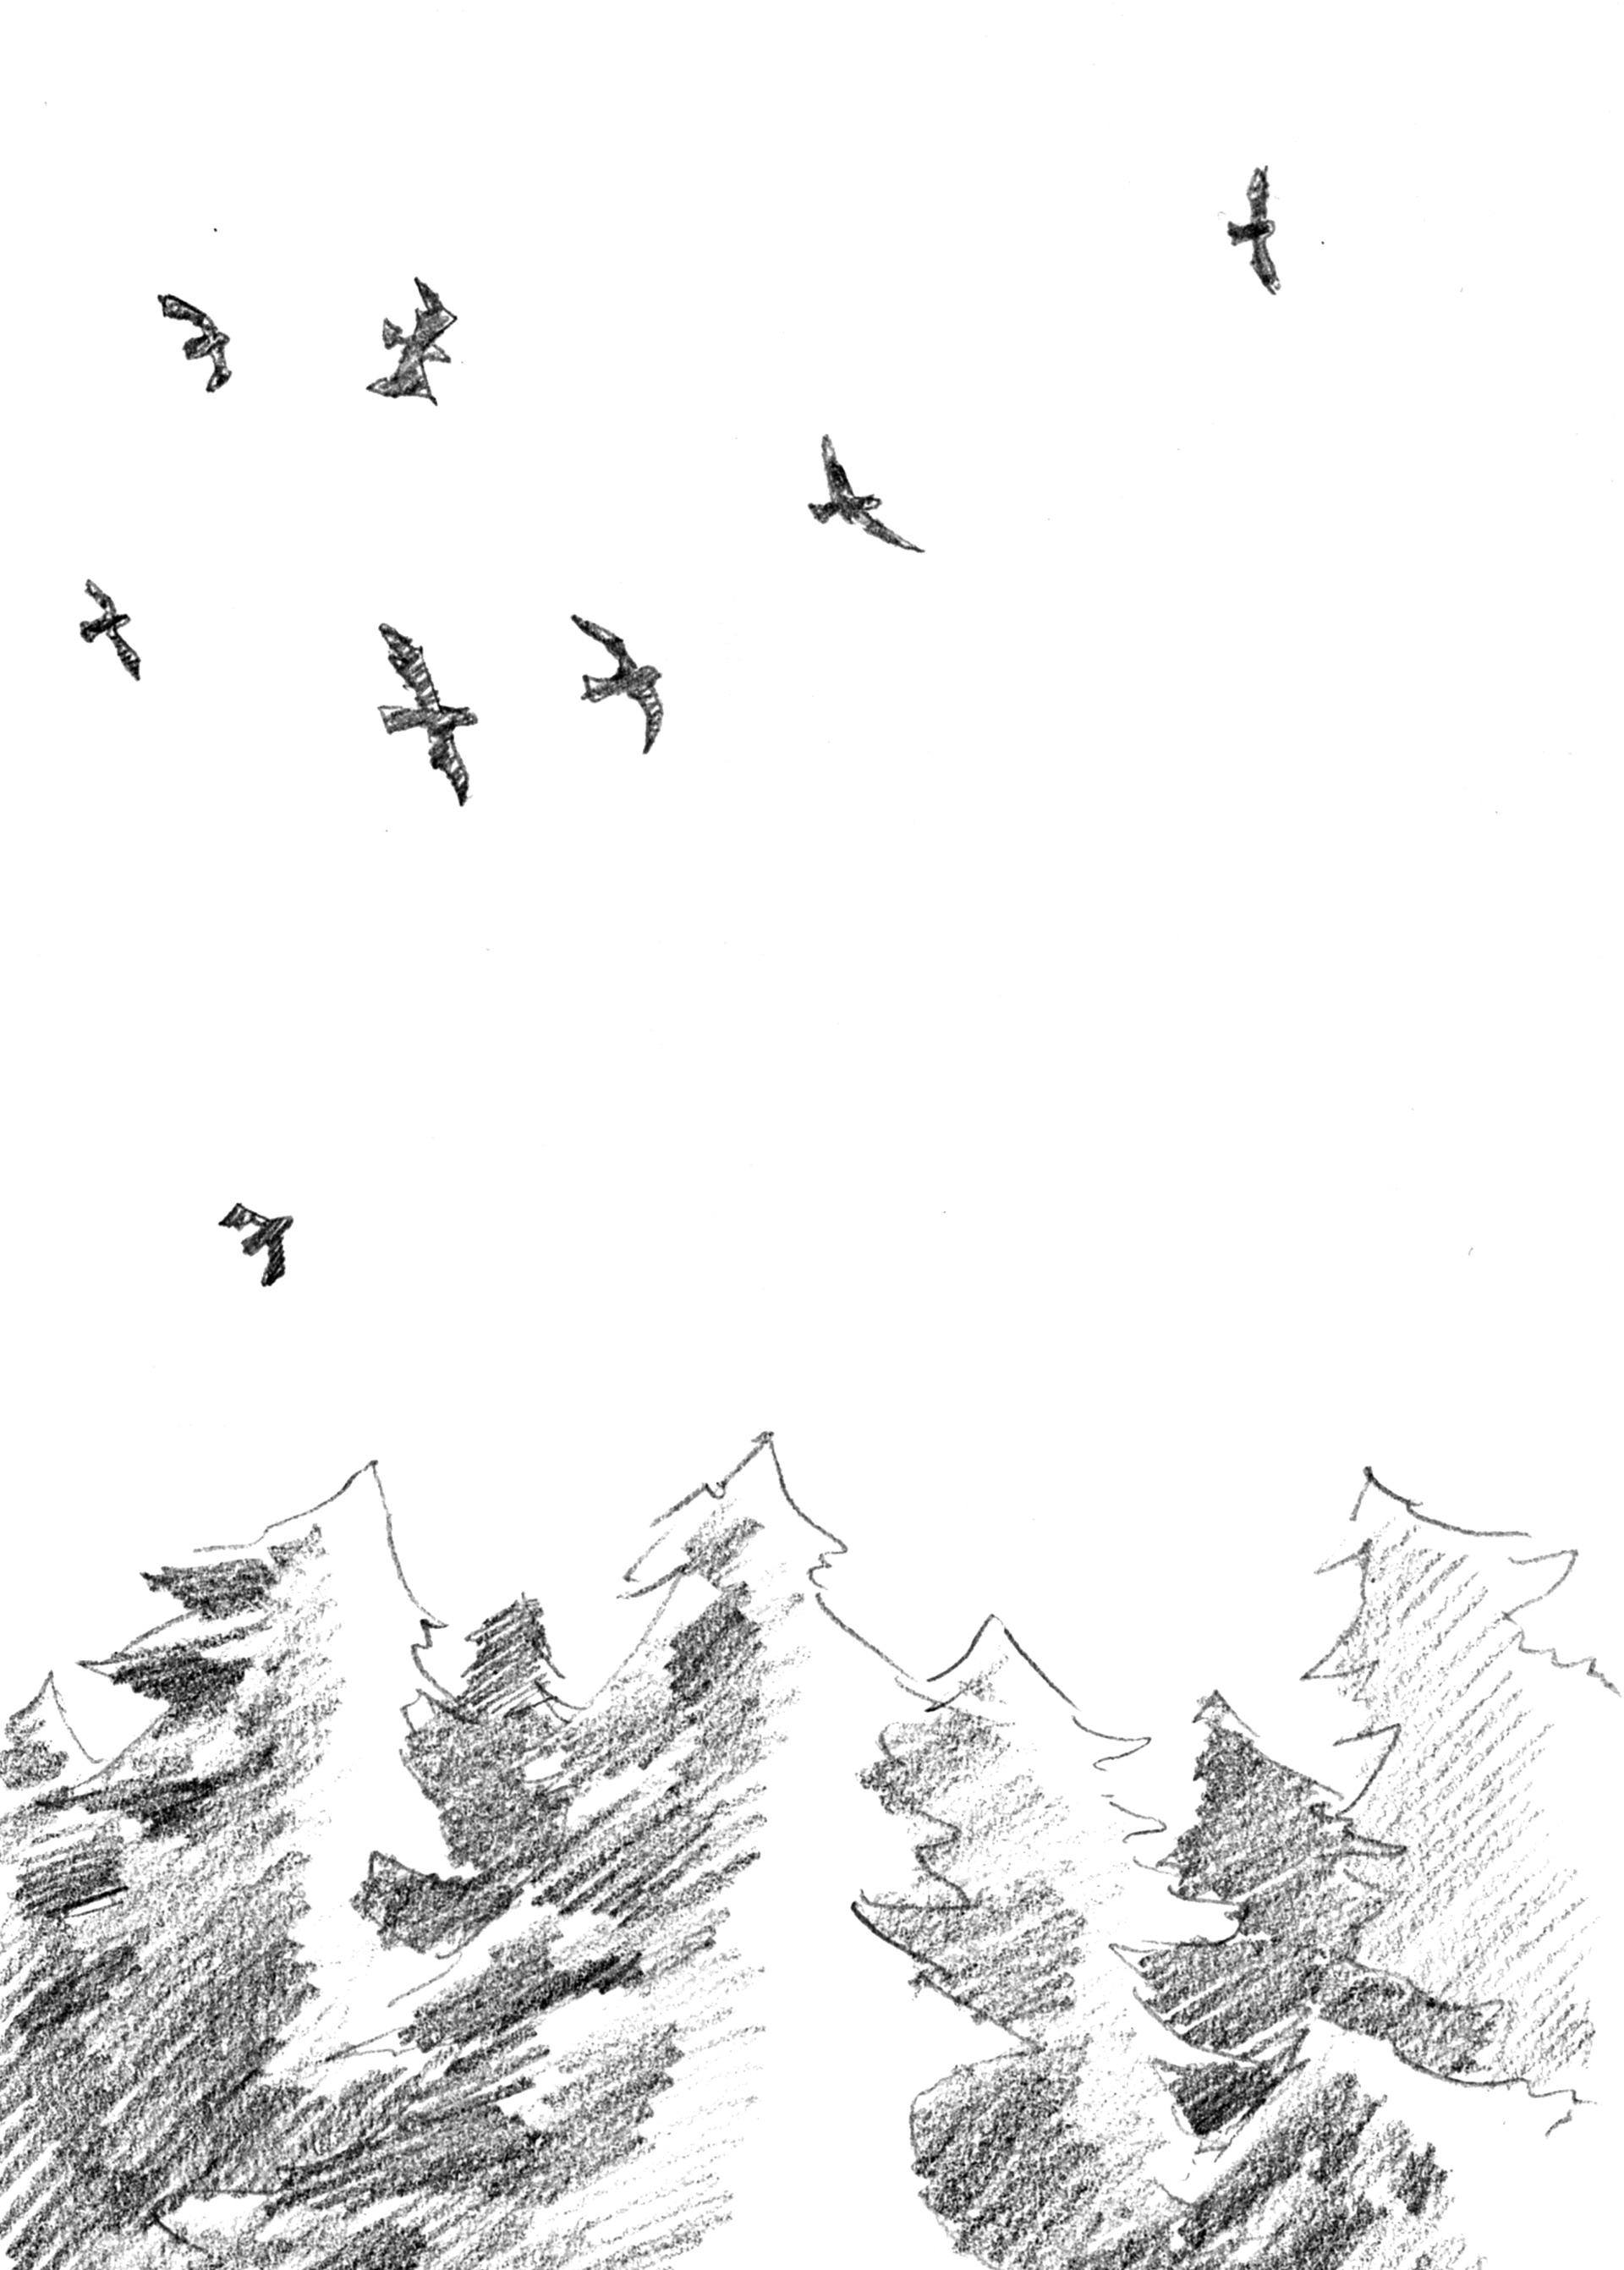 BirdsAndTrees.jpg